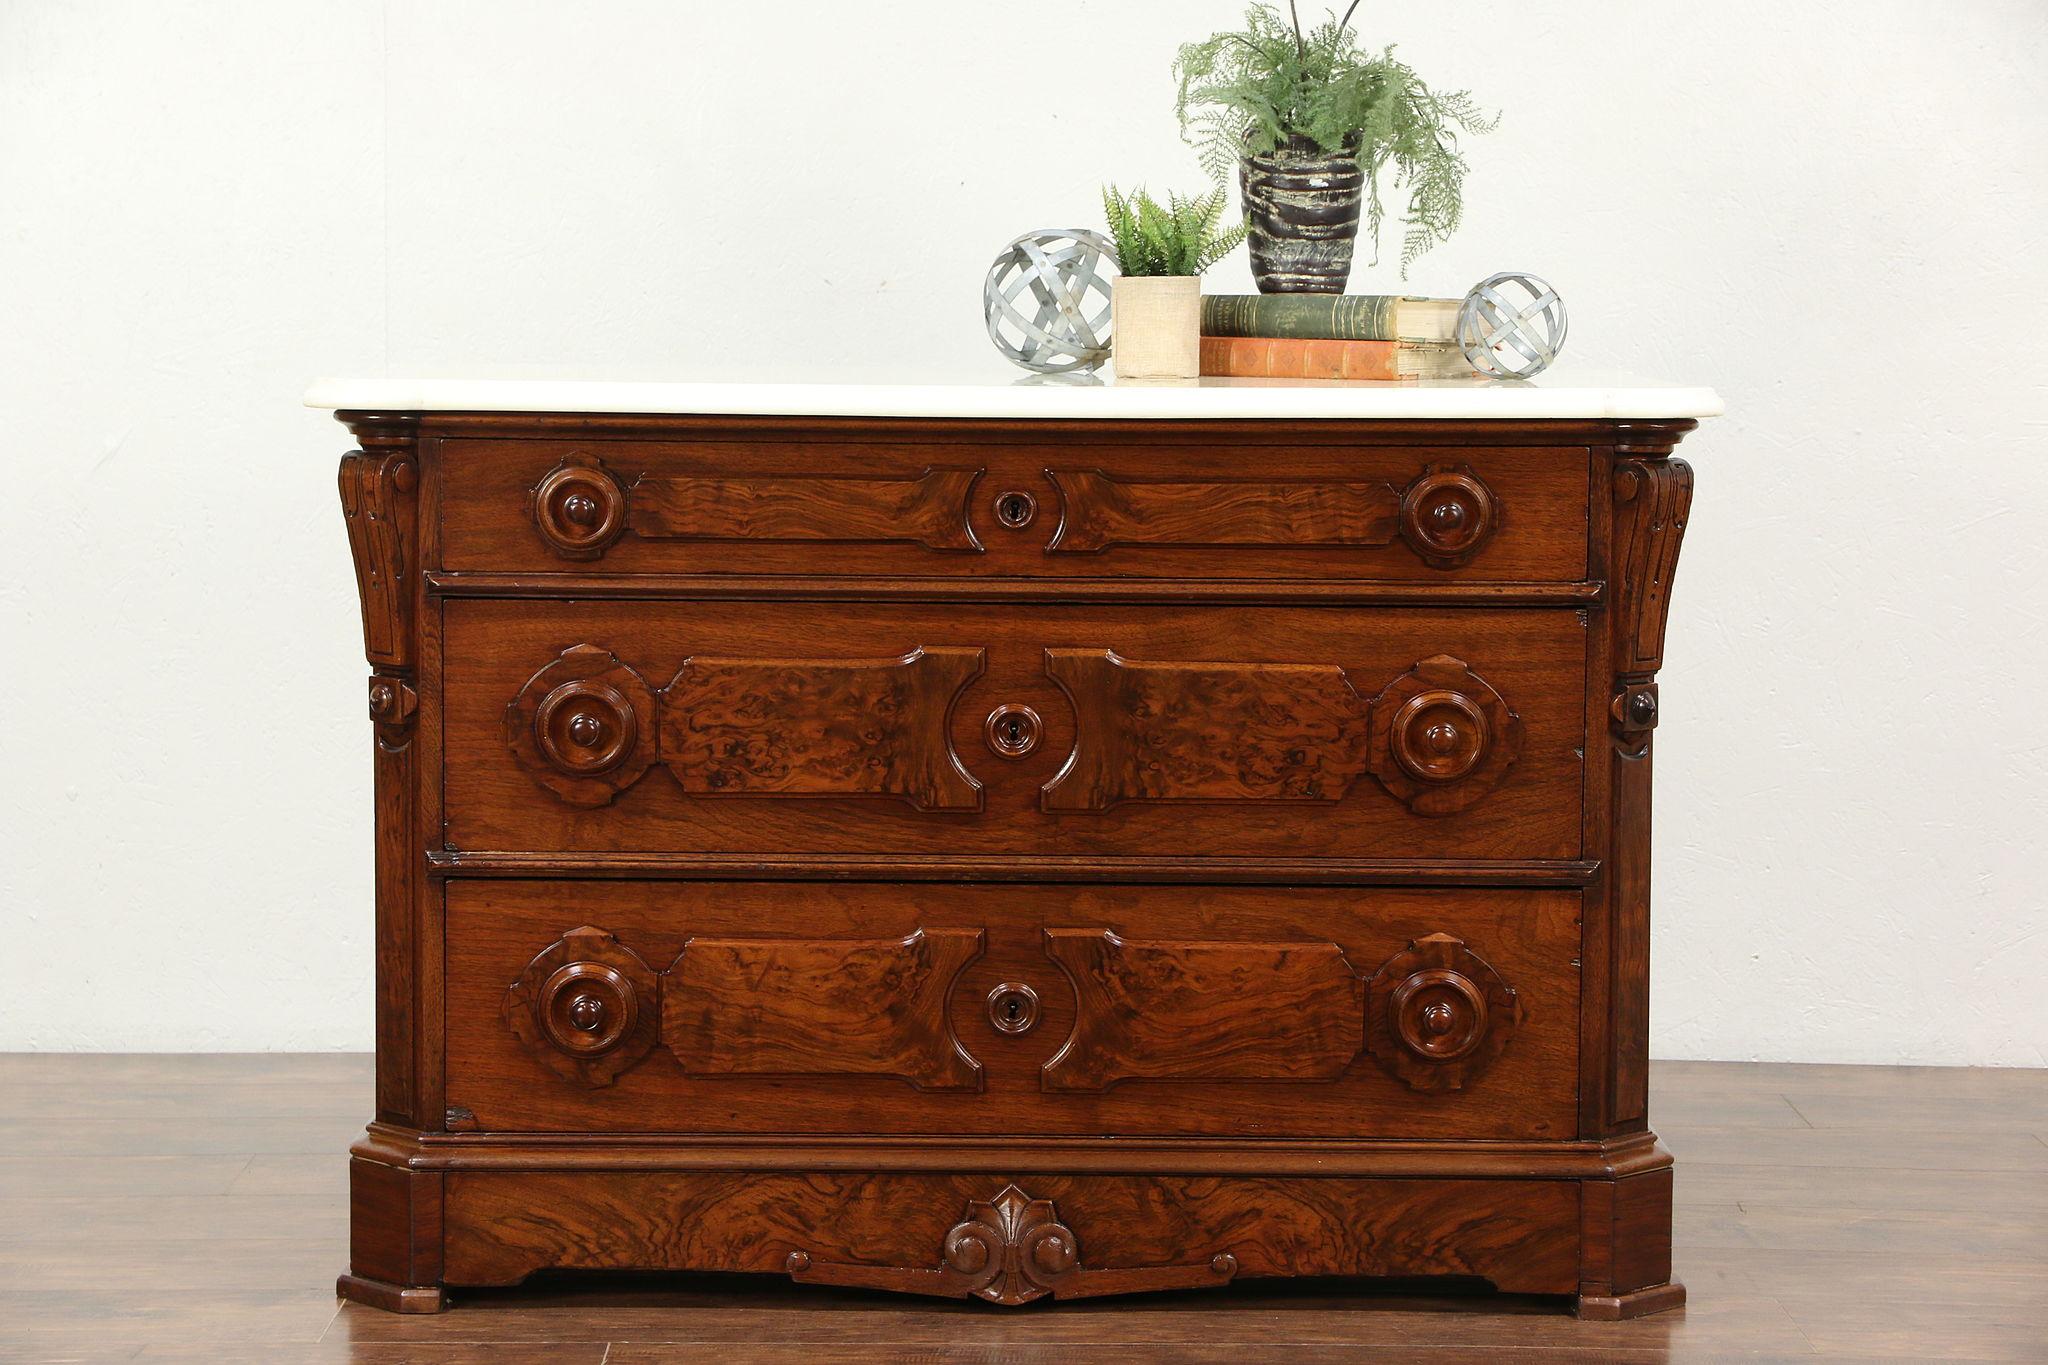 Sold Victorian Walnut Chest Or Dresser Marble Top Secret Drawer Signed Bruner Ny